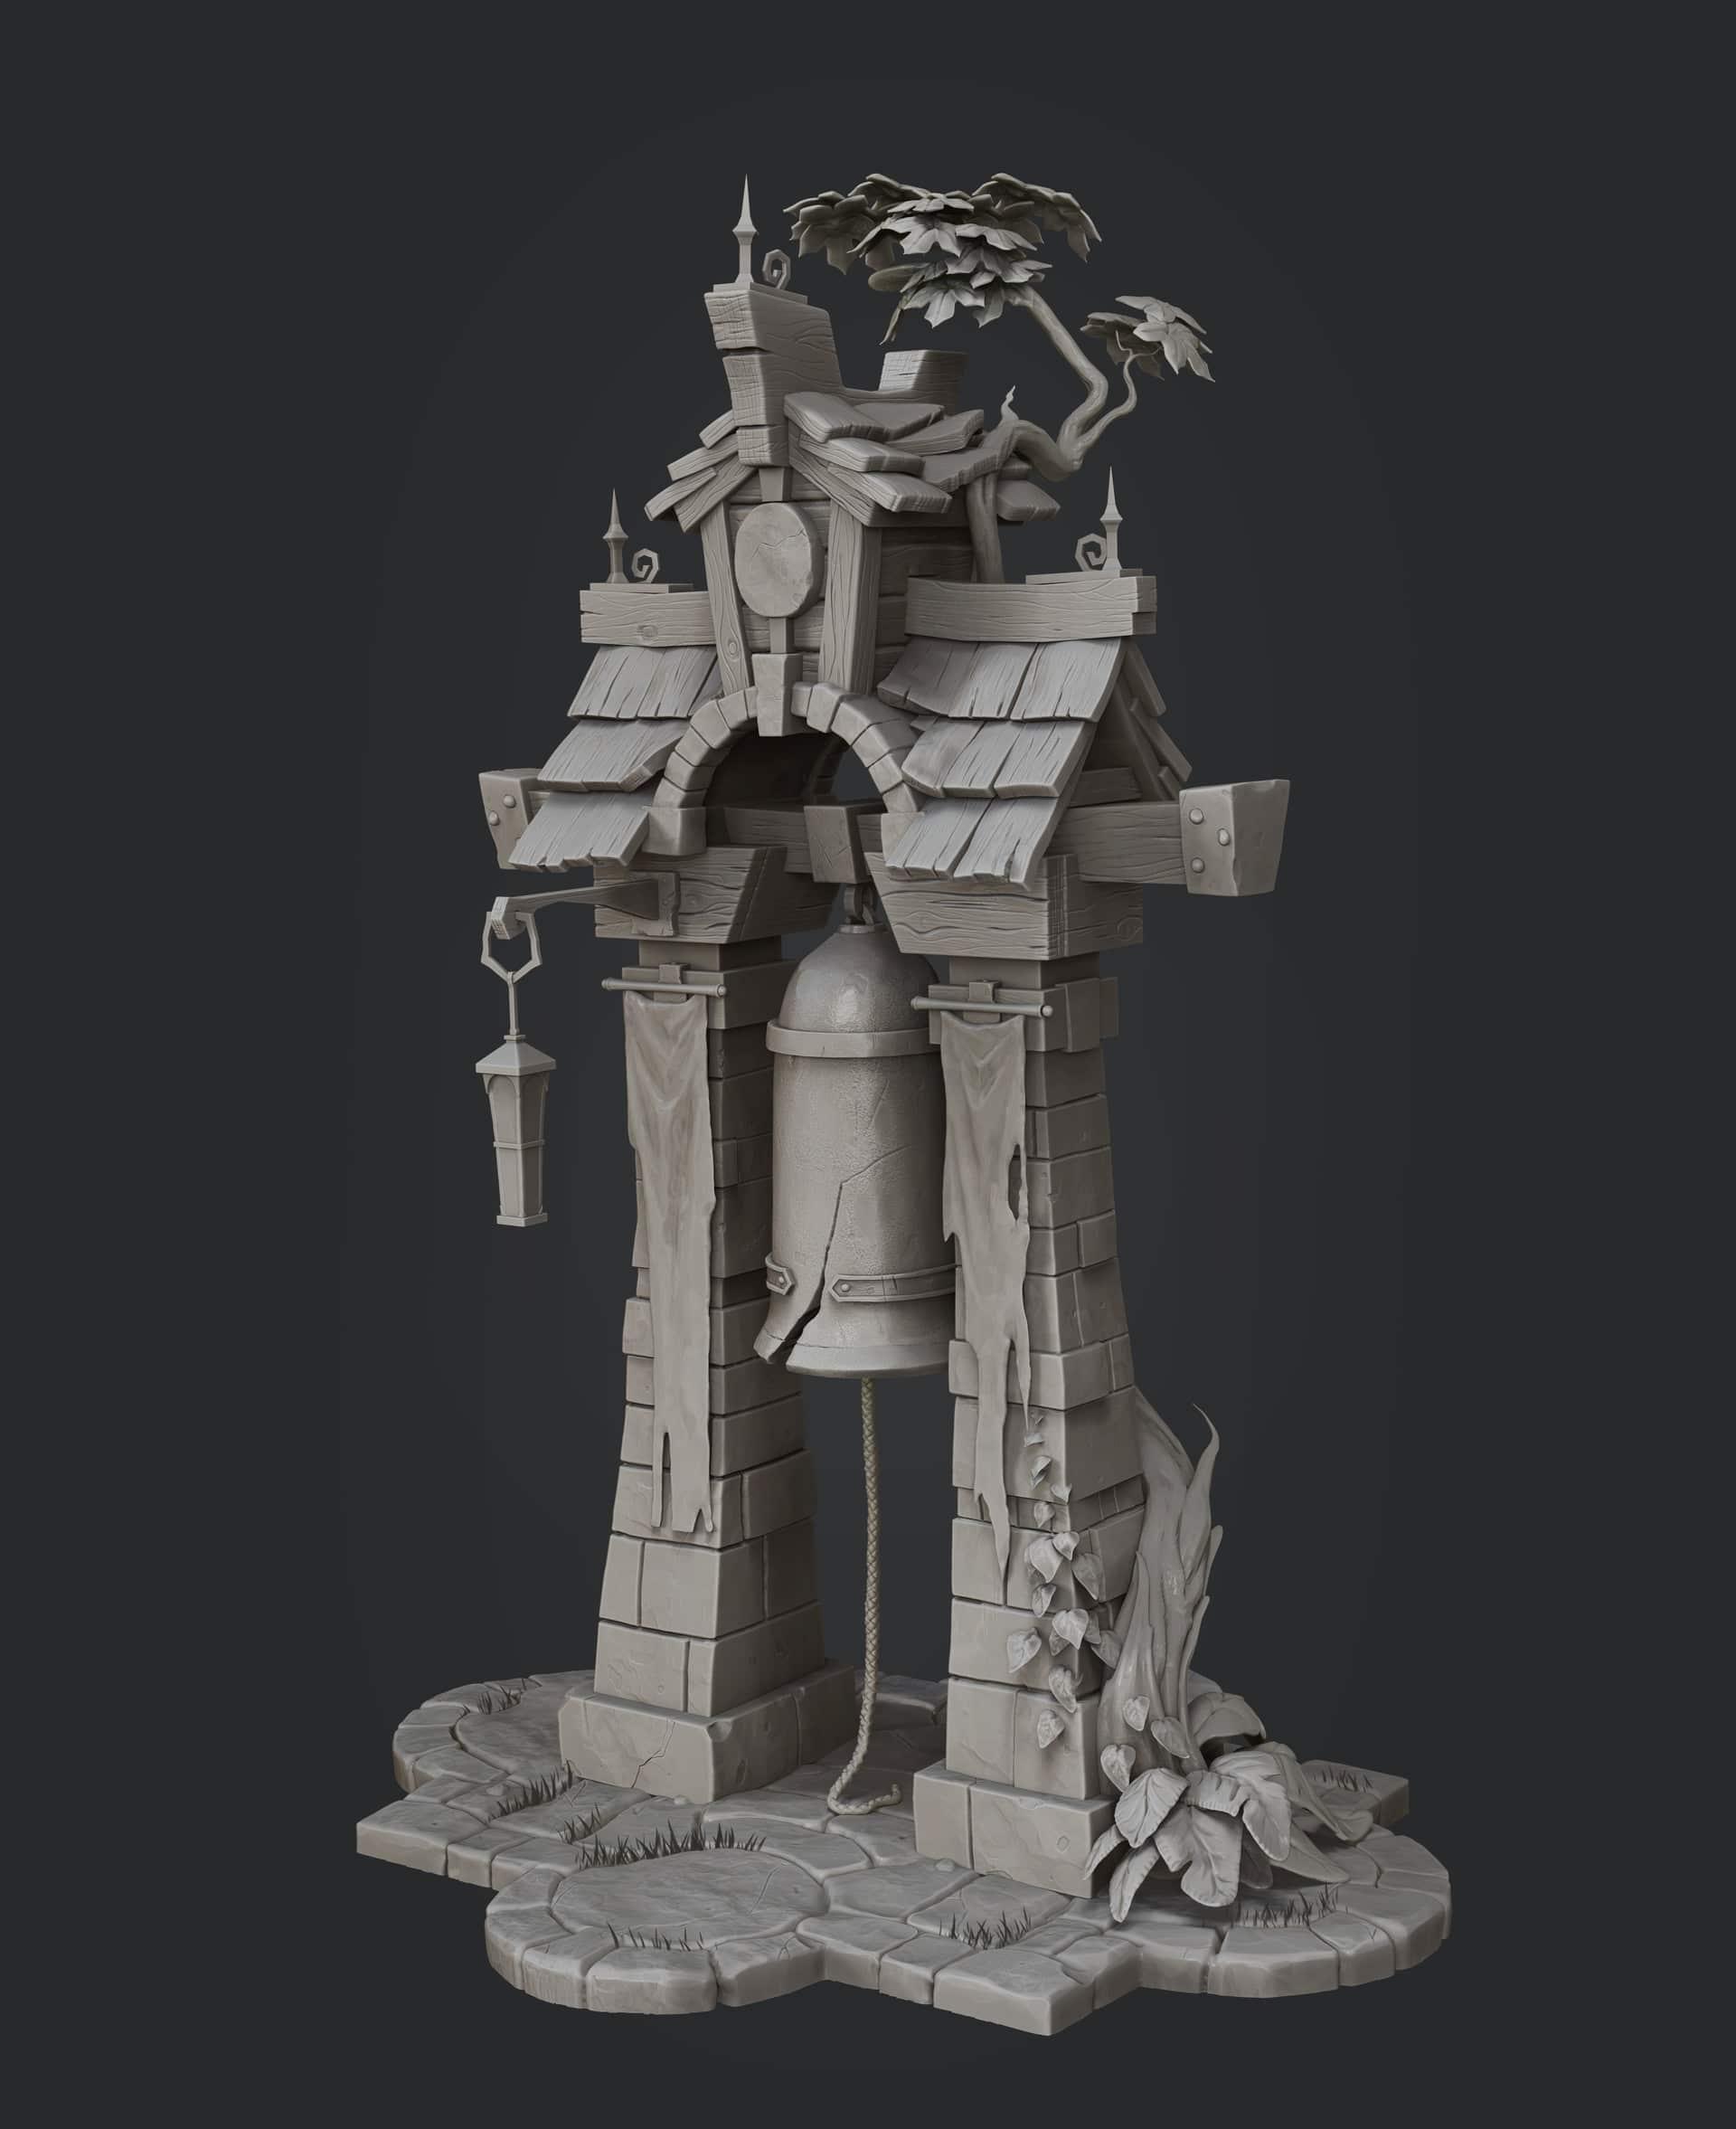 Glocken Turm Inspiration 3d Model